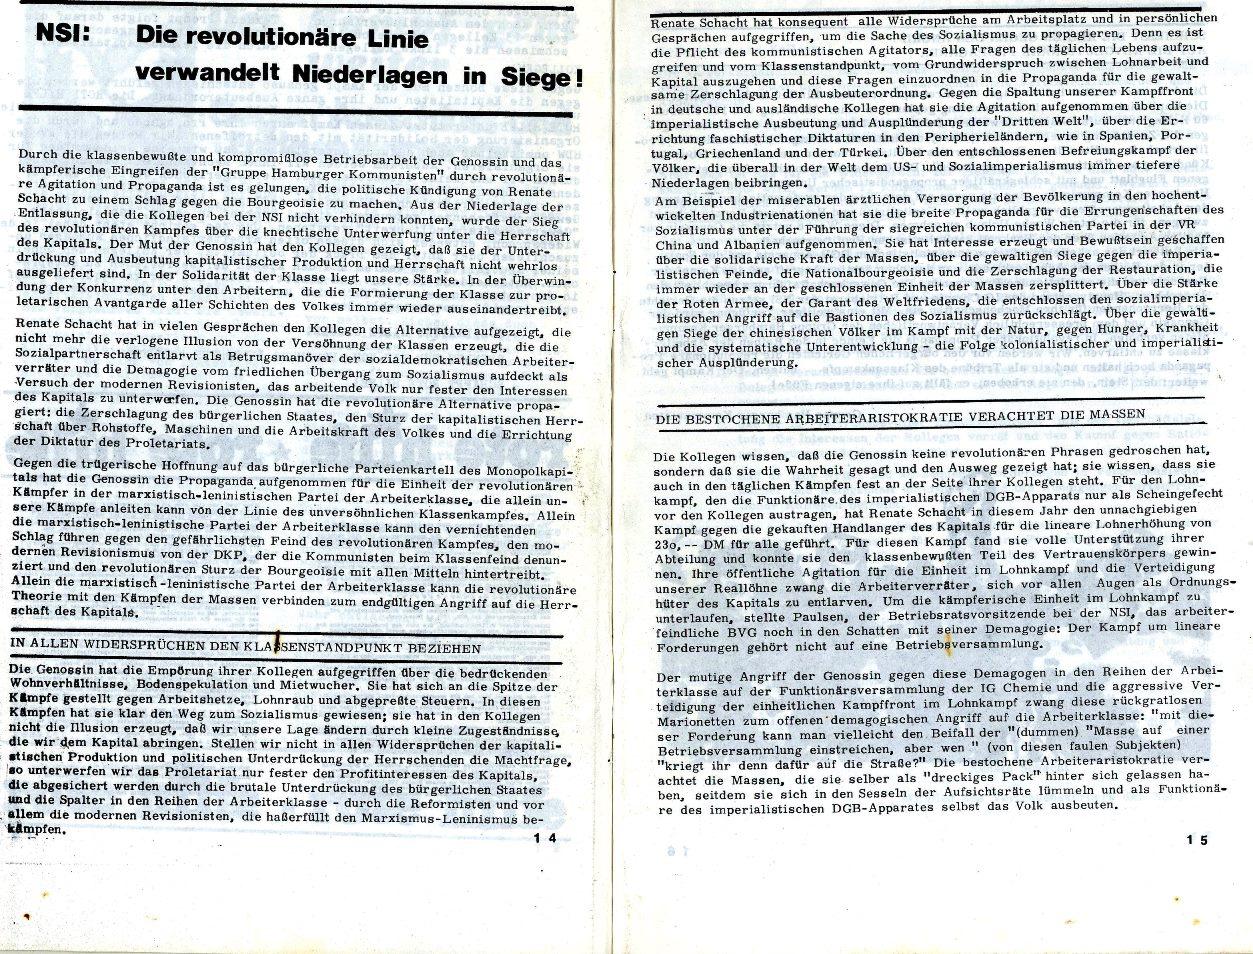 Hamburg_RH_1974_Politische_Entlassungen_09